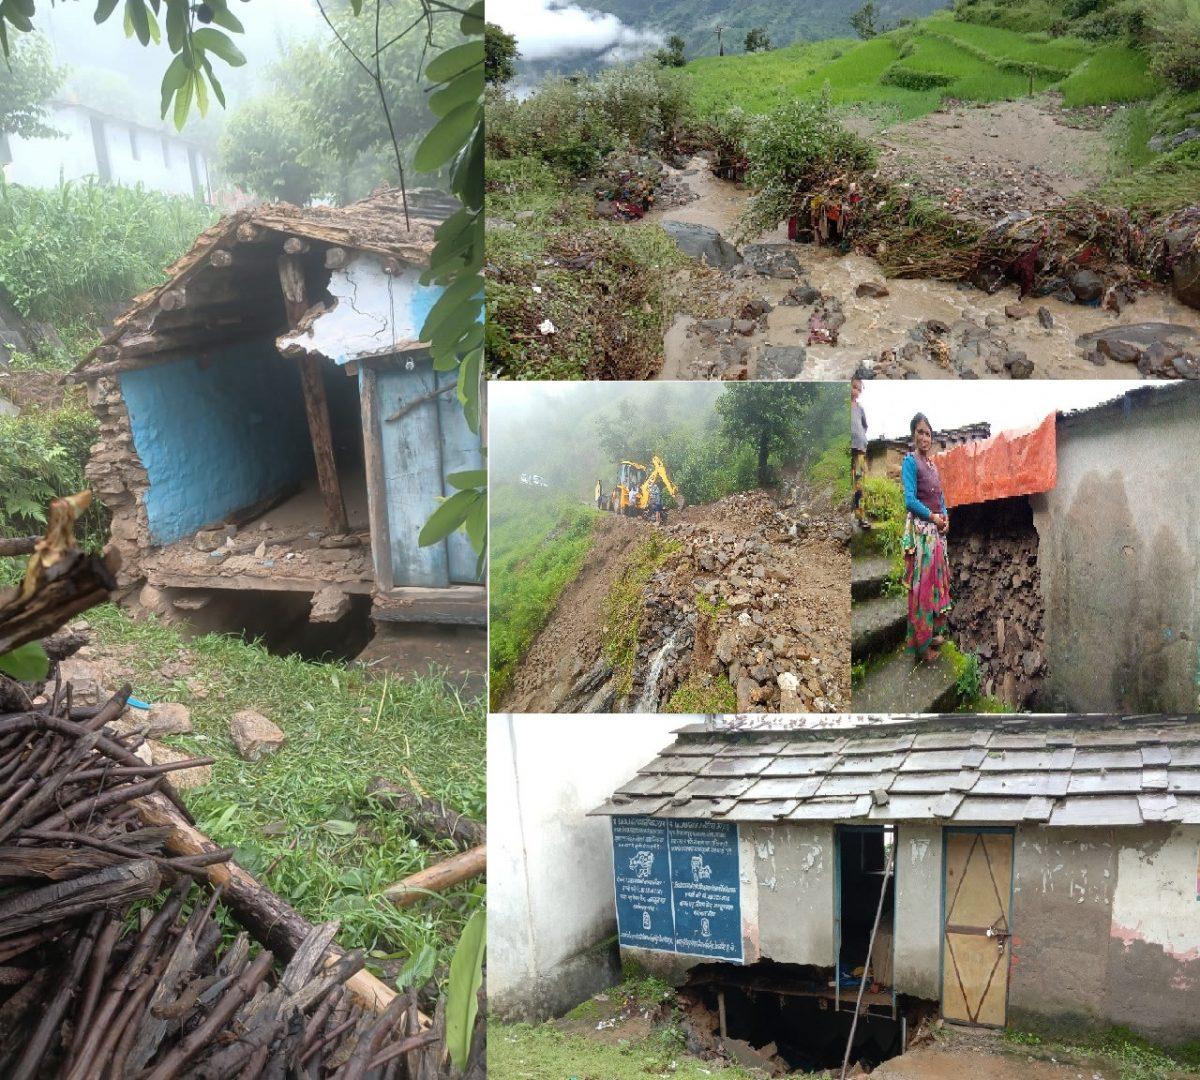 पौड़ी जिले के सीमावर्ती क्षेत्र चौथान में बादल फटने, अतिवृष्टि से भारी नुकसान ,गांव में लोगों के खेत घराट हुए नष्ट